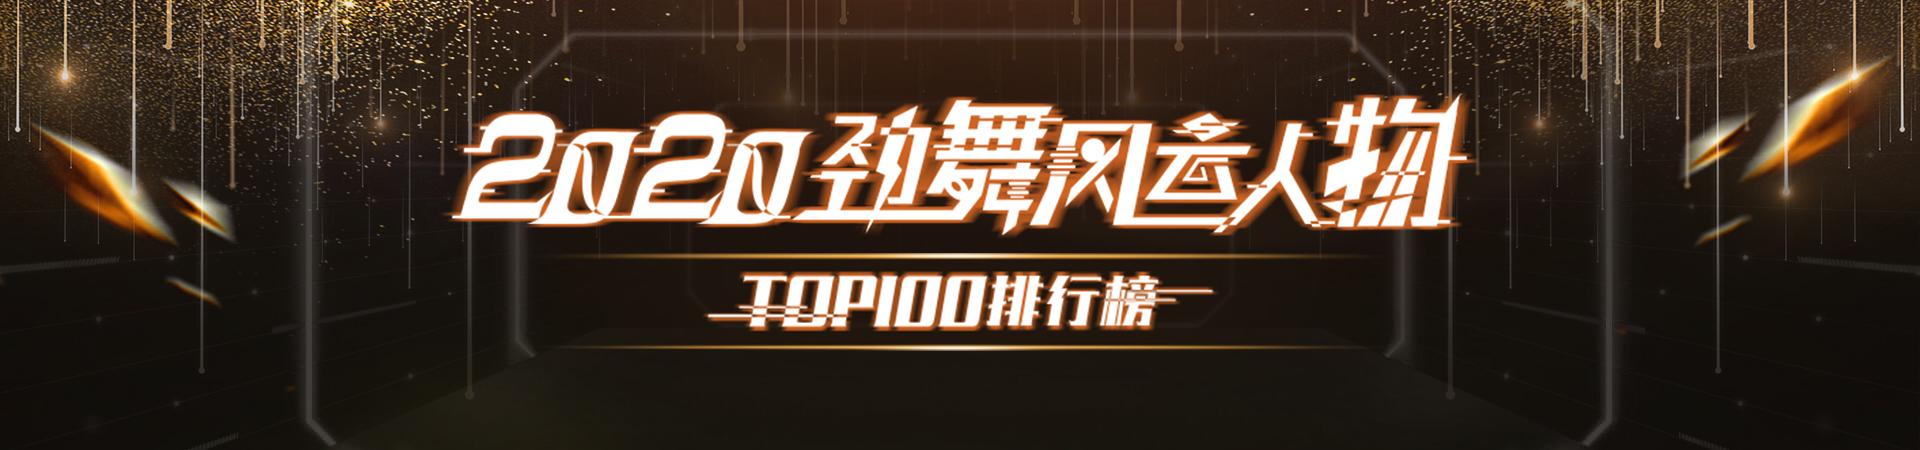 2020劲舞风云人物TOP排行榜公示